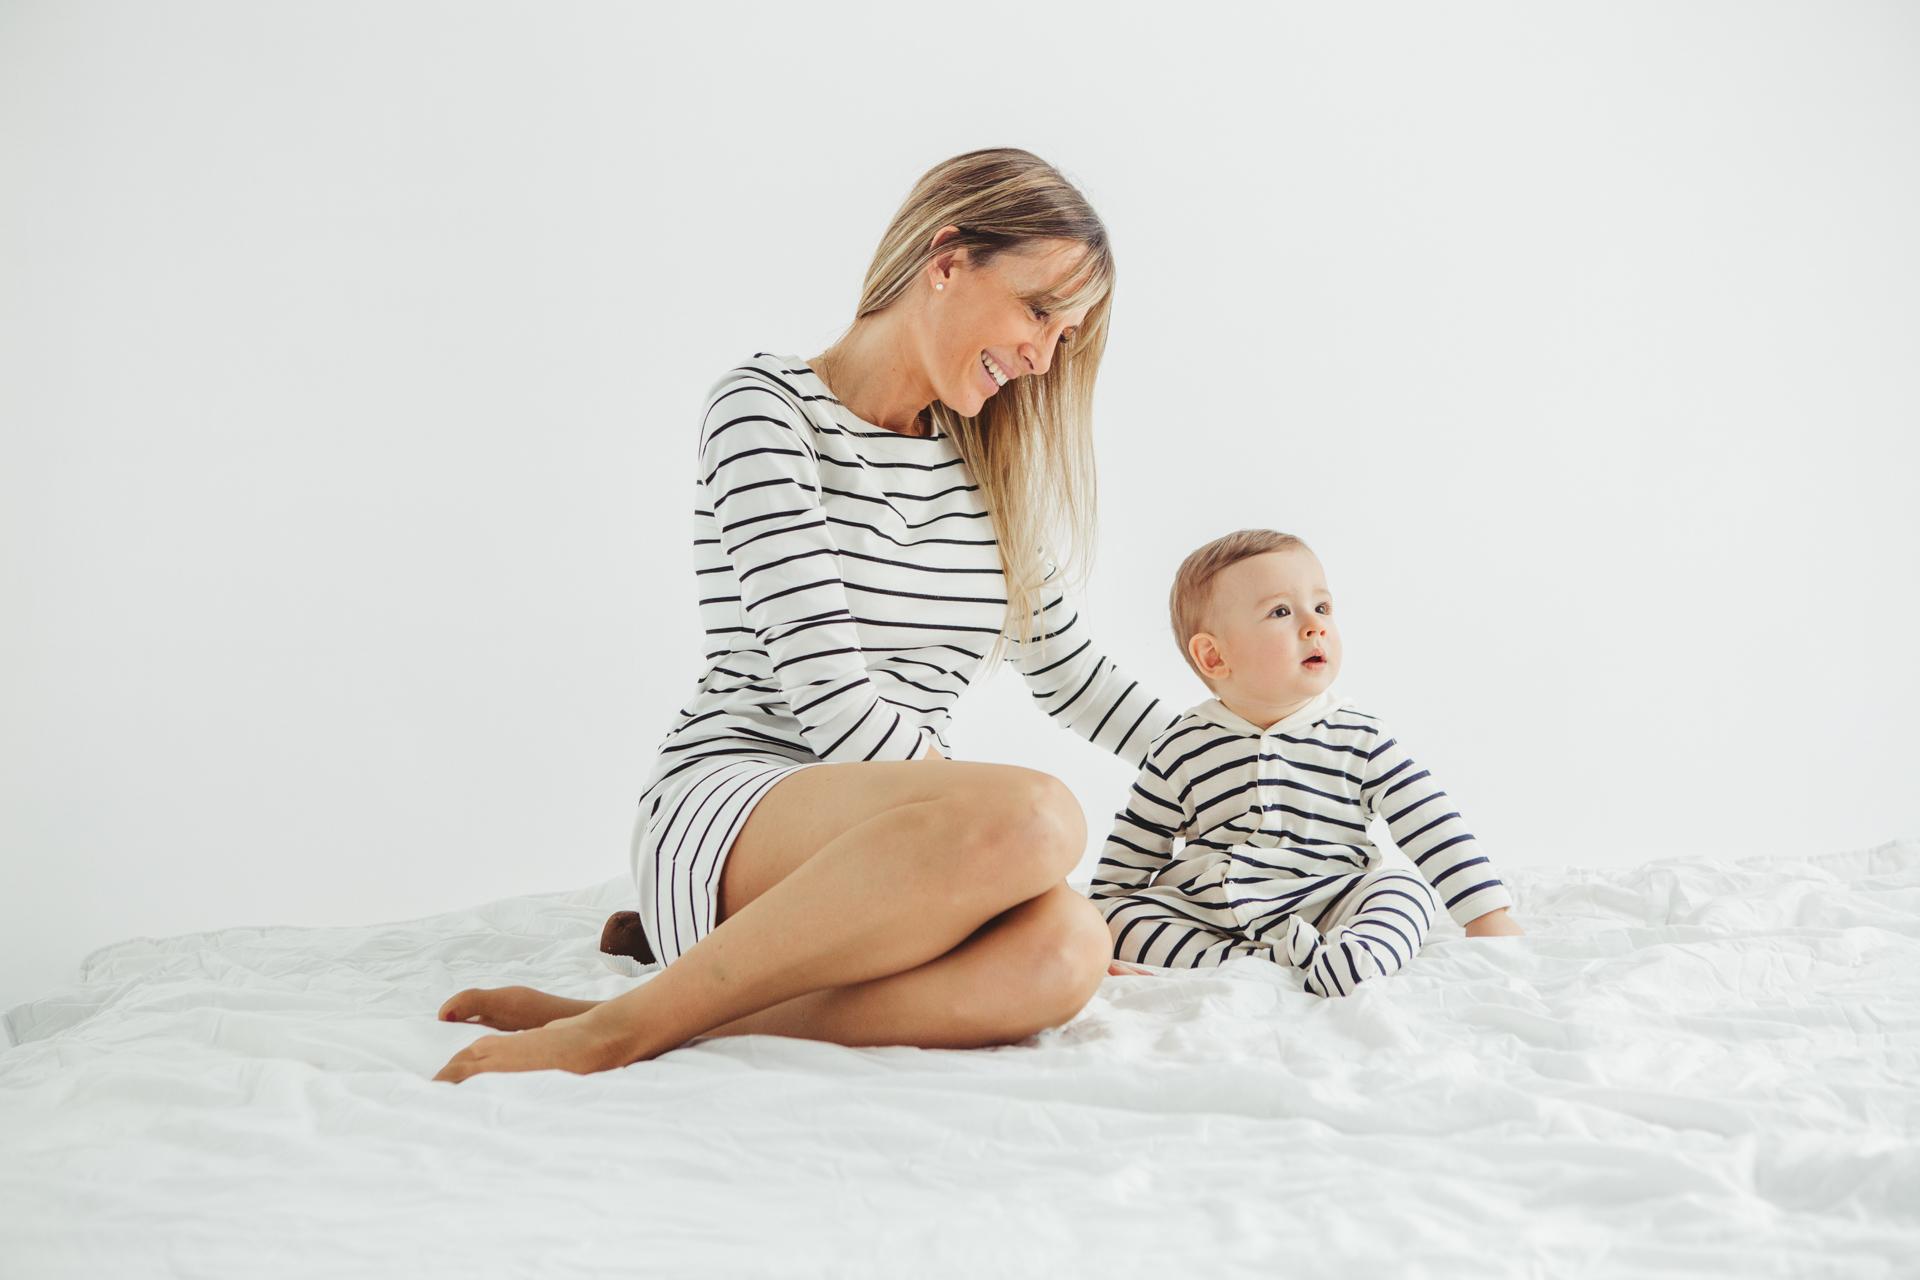 fotos de bebes en donostia san sebastian